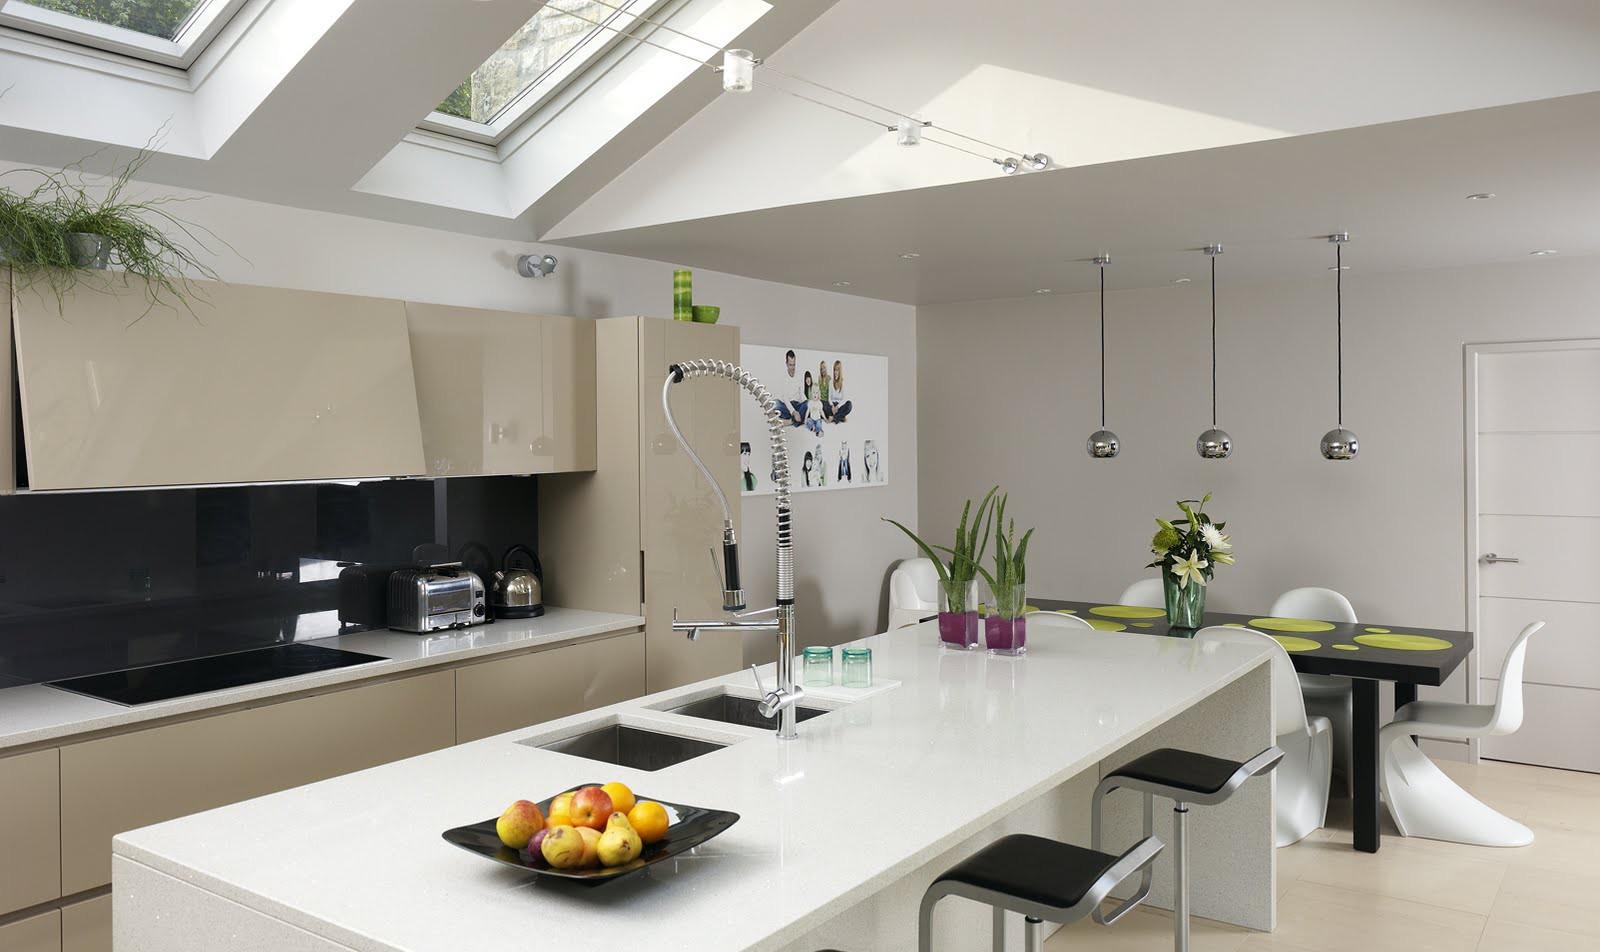 Finestre sul tetto per illuminare la cucina - Cucine per mansarde ...